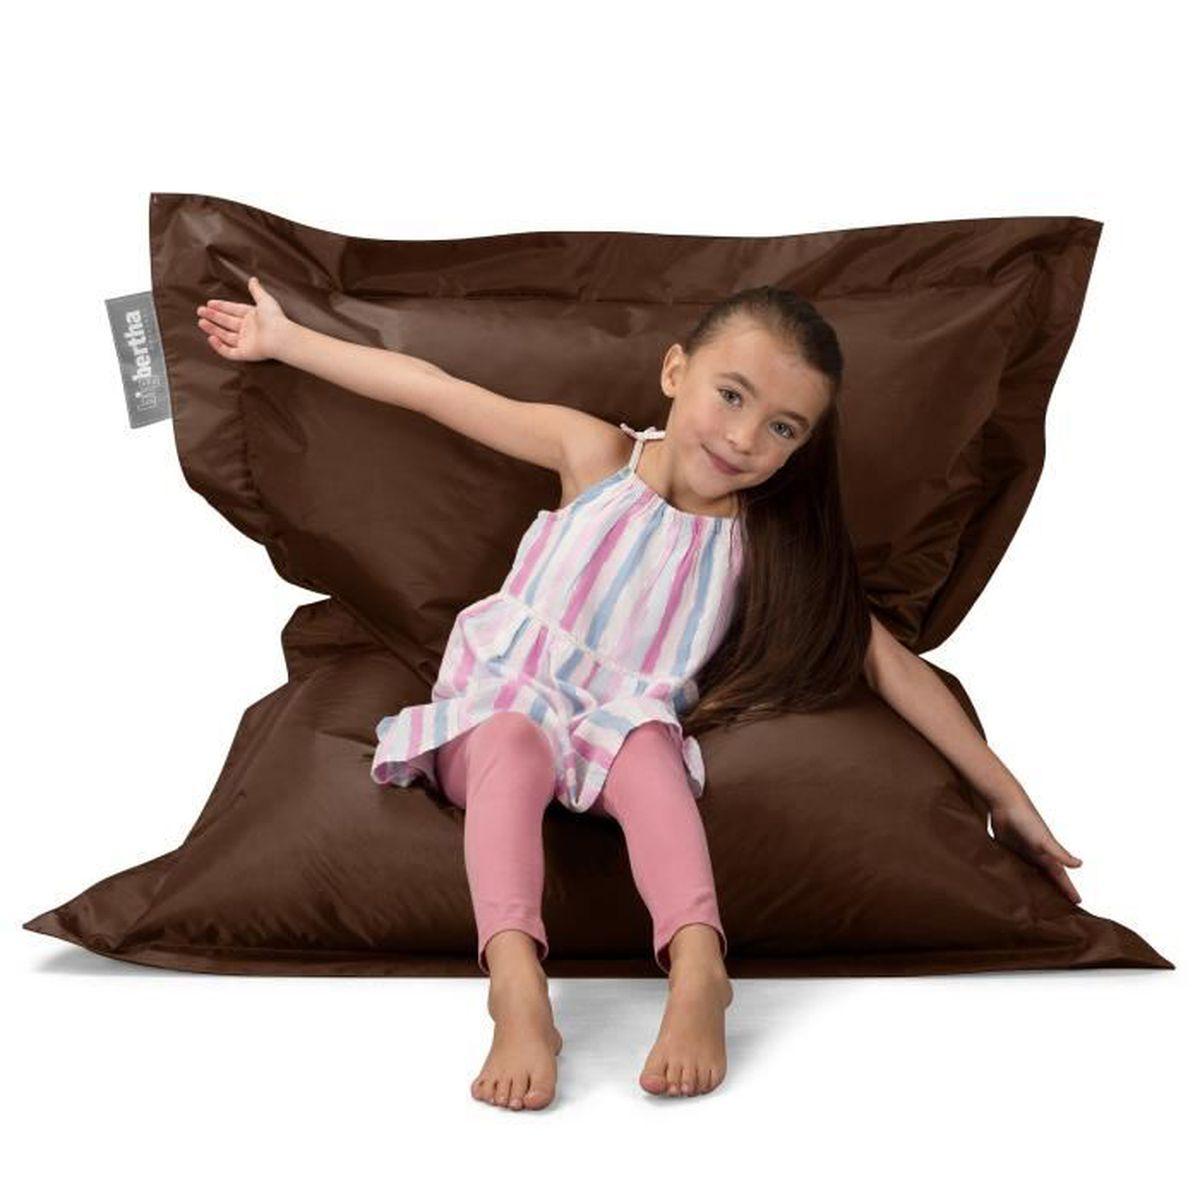 pouf g ant marron achat vente pouf poire cdiscount. Black Bedroom Furniture Sets. Home Design Ideas